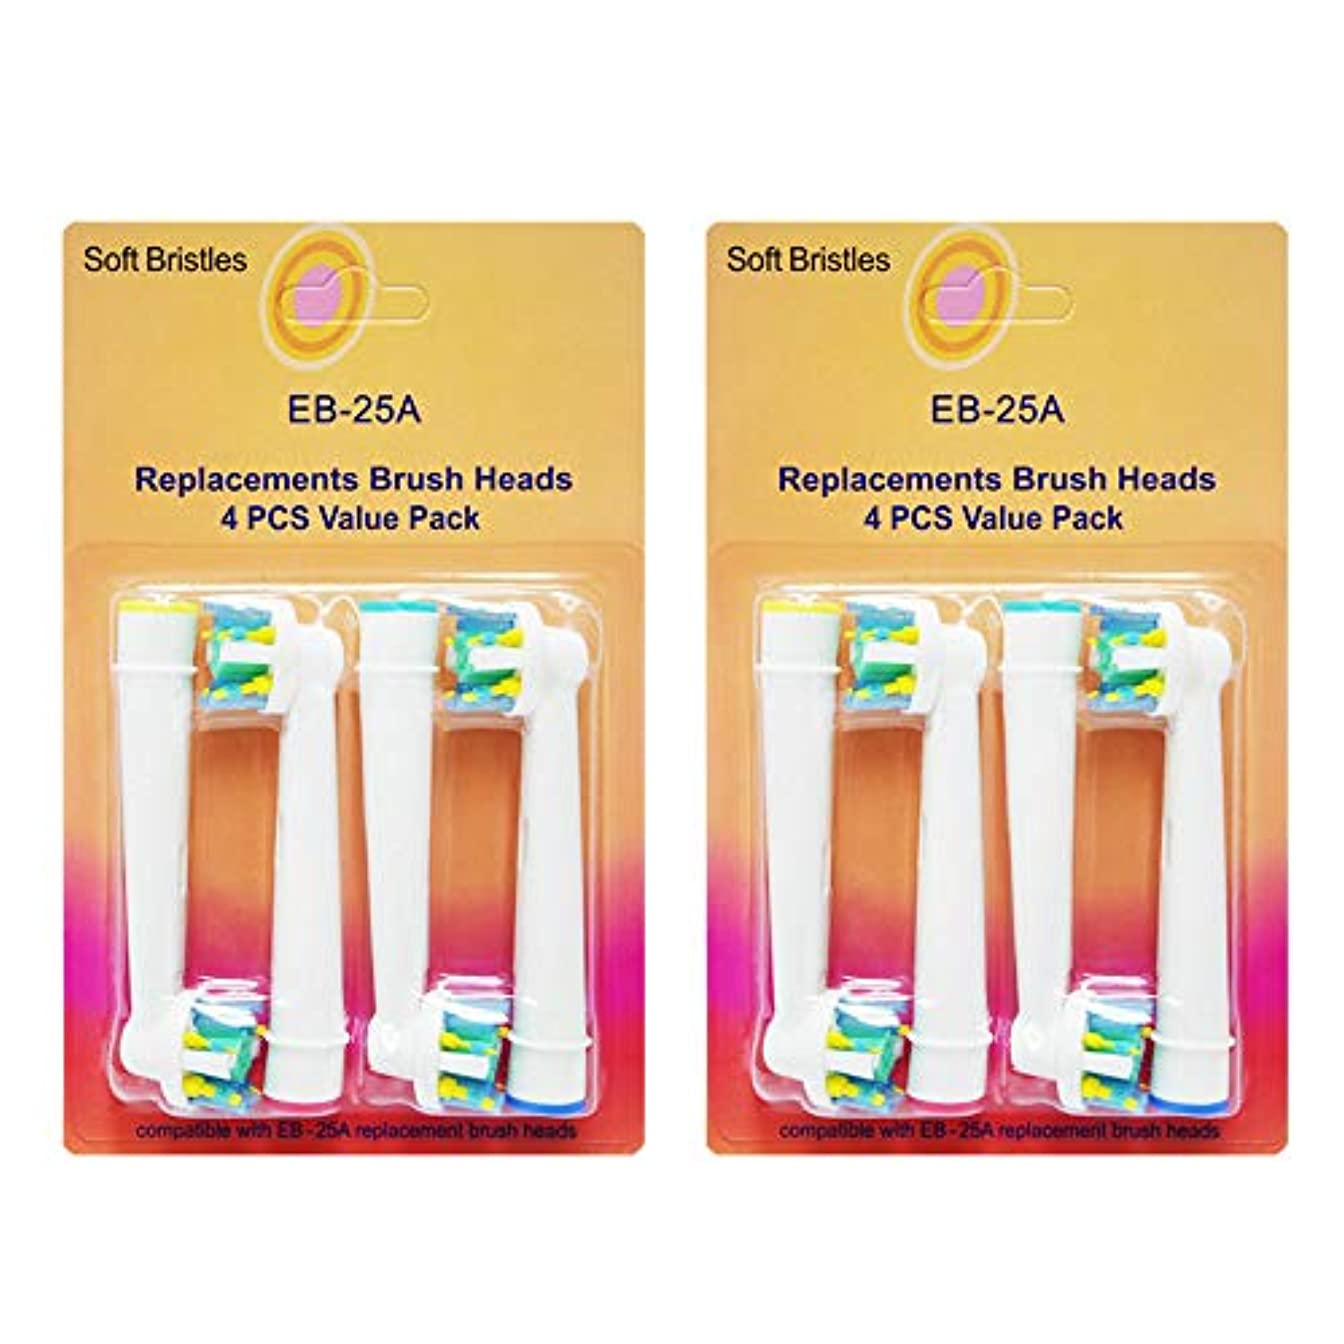 錆びギャラントリースポットブラウン BRAUN オーラルB 対応 歯間ワイパー付ブラシ 互換 ブラシ 相当品 歯ブラシ 互換ブラシ (2セット合計8本(4本1セット×2)) アーモロート(amaurot) EB25 EB-25 eb25 eb-25